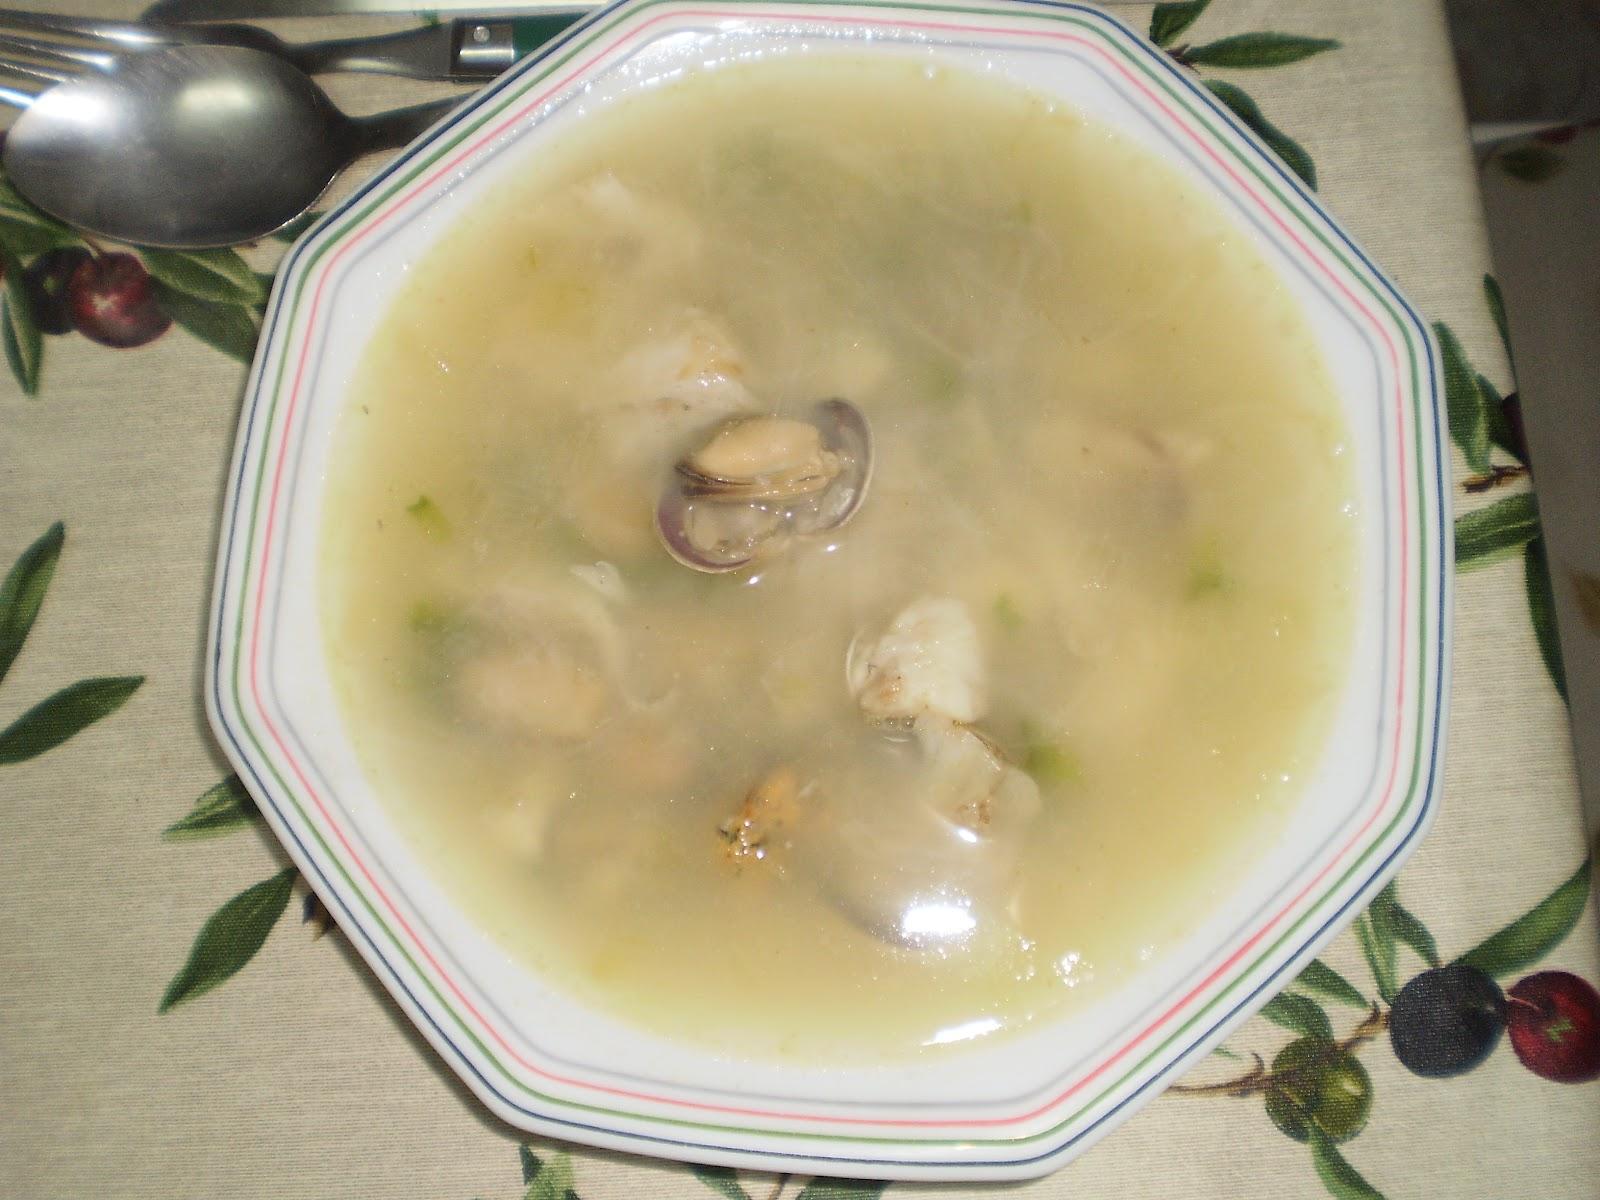 Cocina sin tonterias sopa de pescado de aprovechamiento 2 for Cocina de aprovechamiento